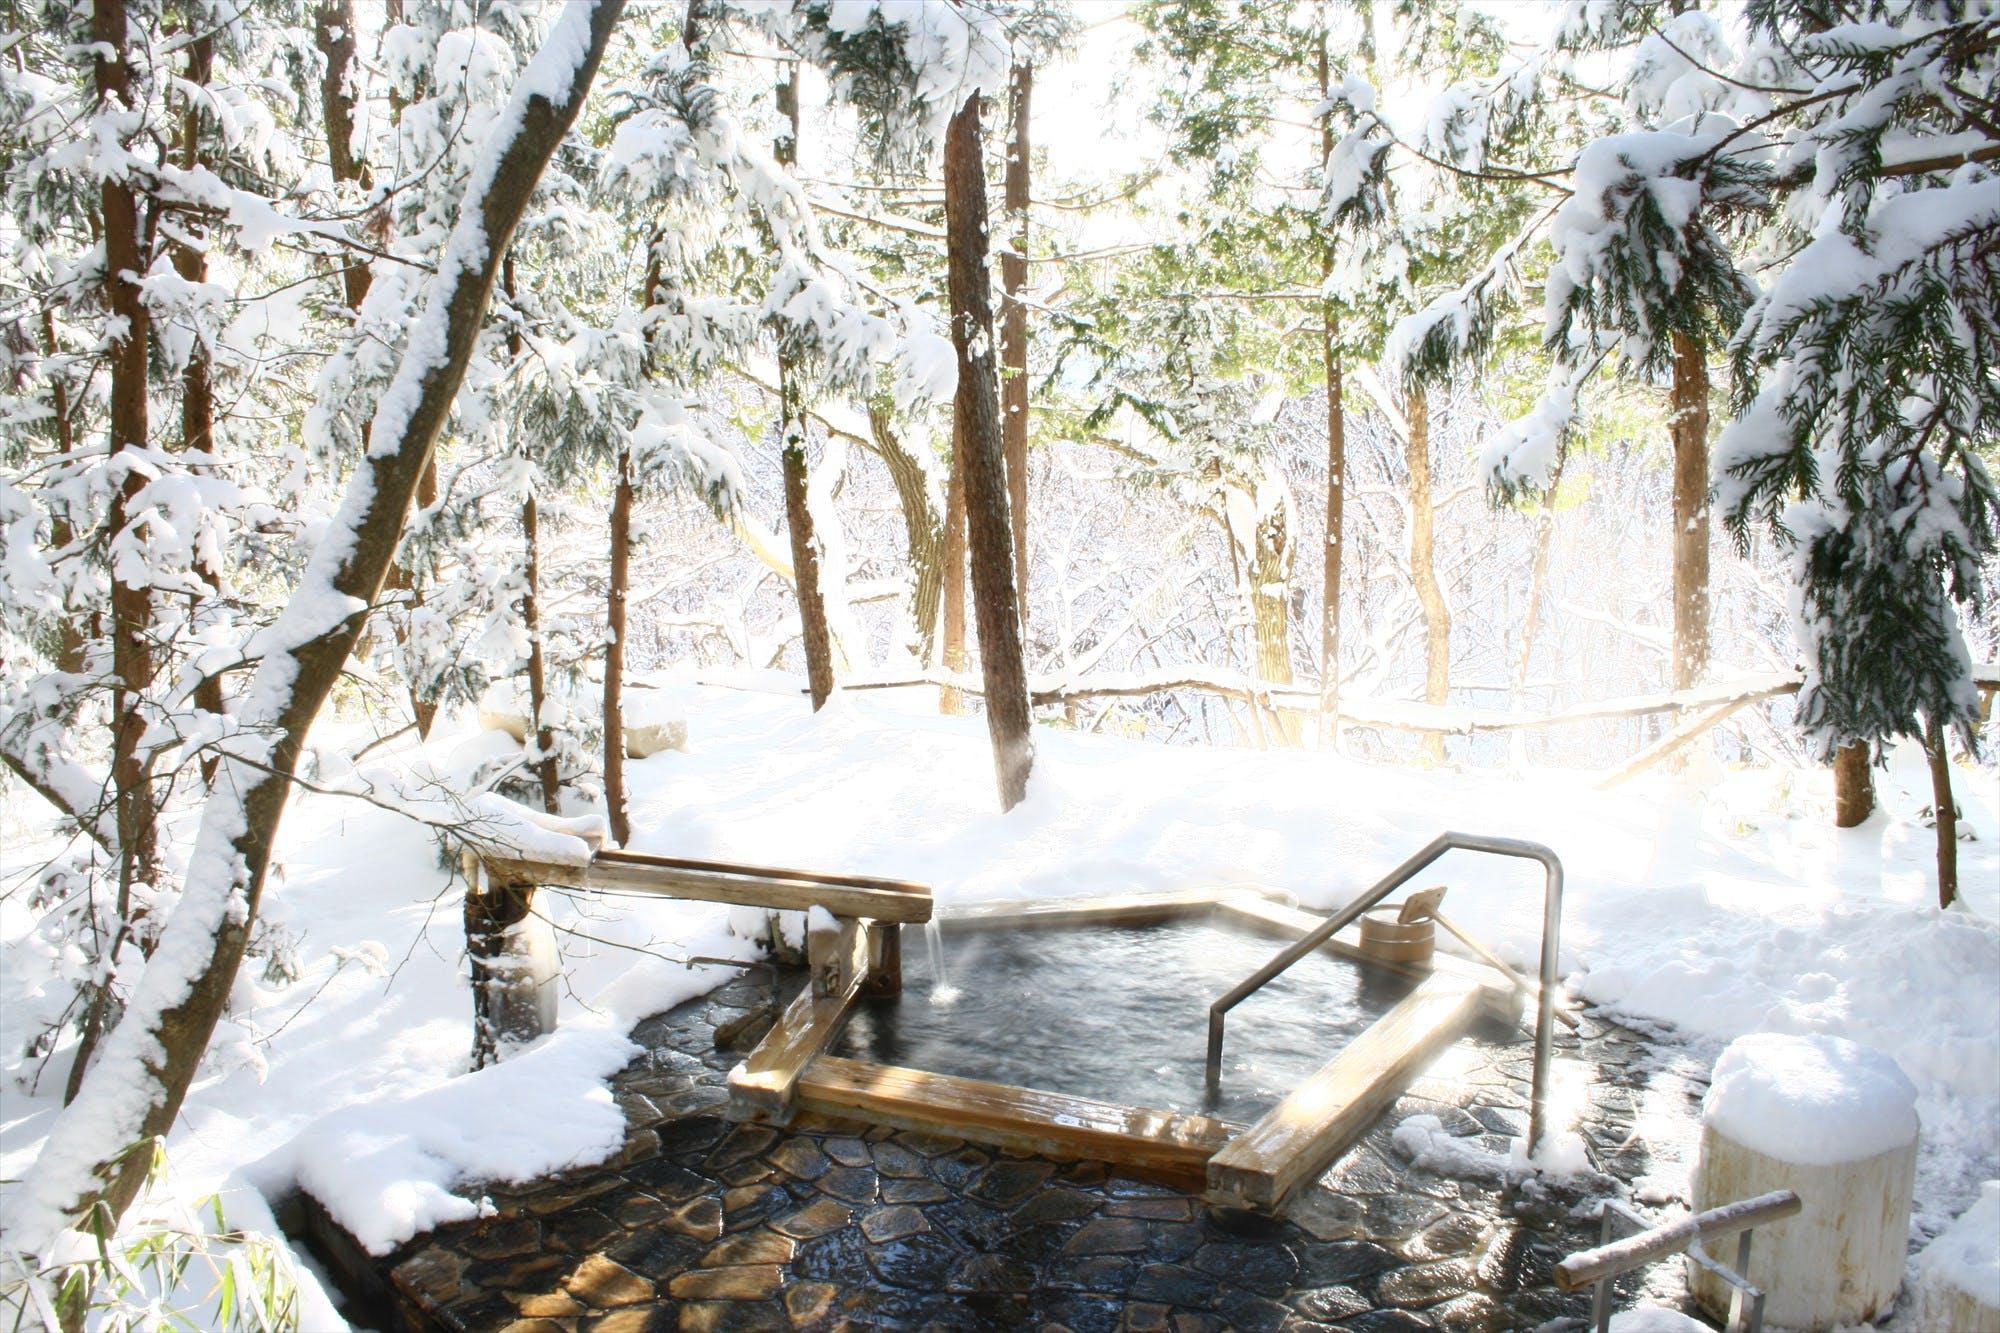 雪見露天風呂が愉しめる大人の温泉宿 東北編